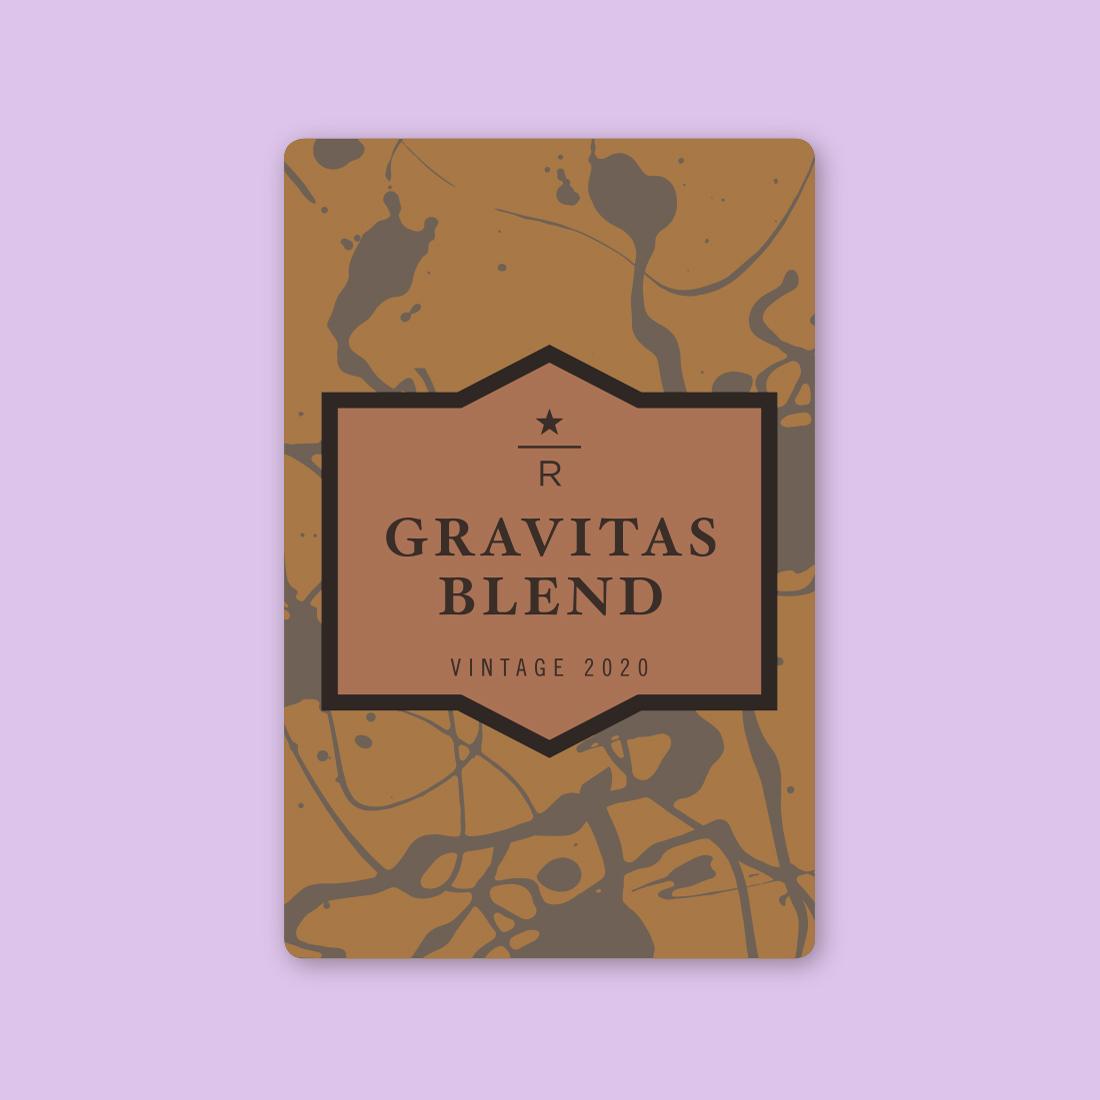 Coffee card illustration for GRAVITAS® BLEND VINTAGE 2020